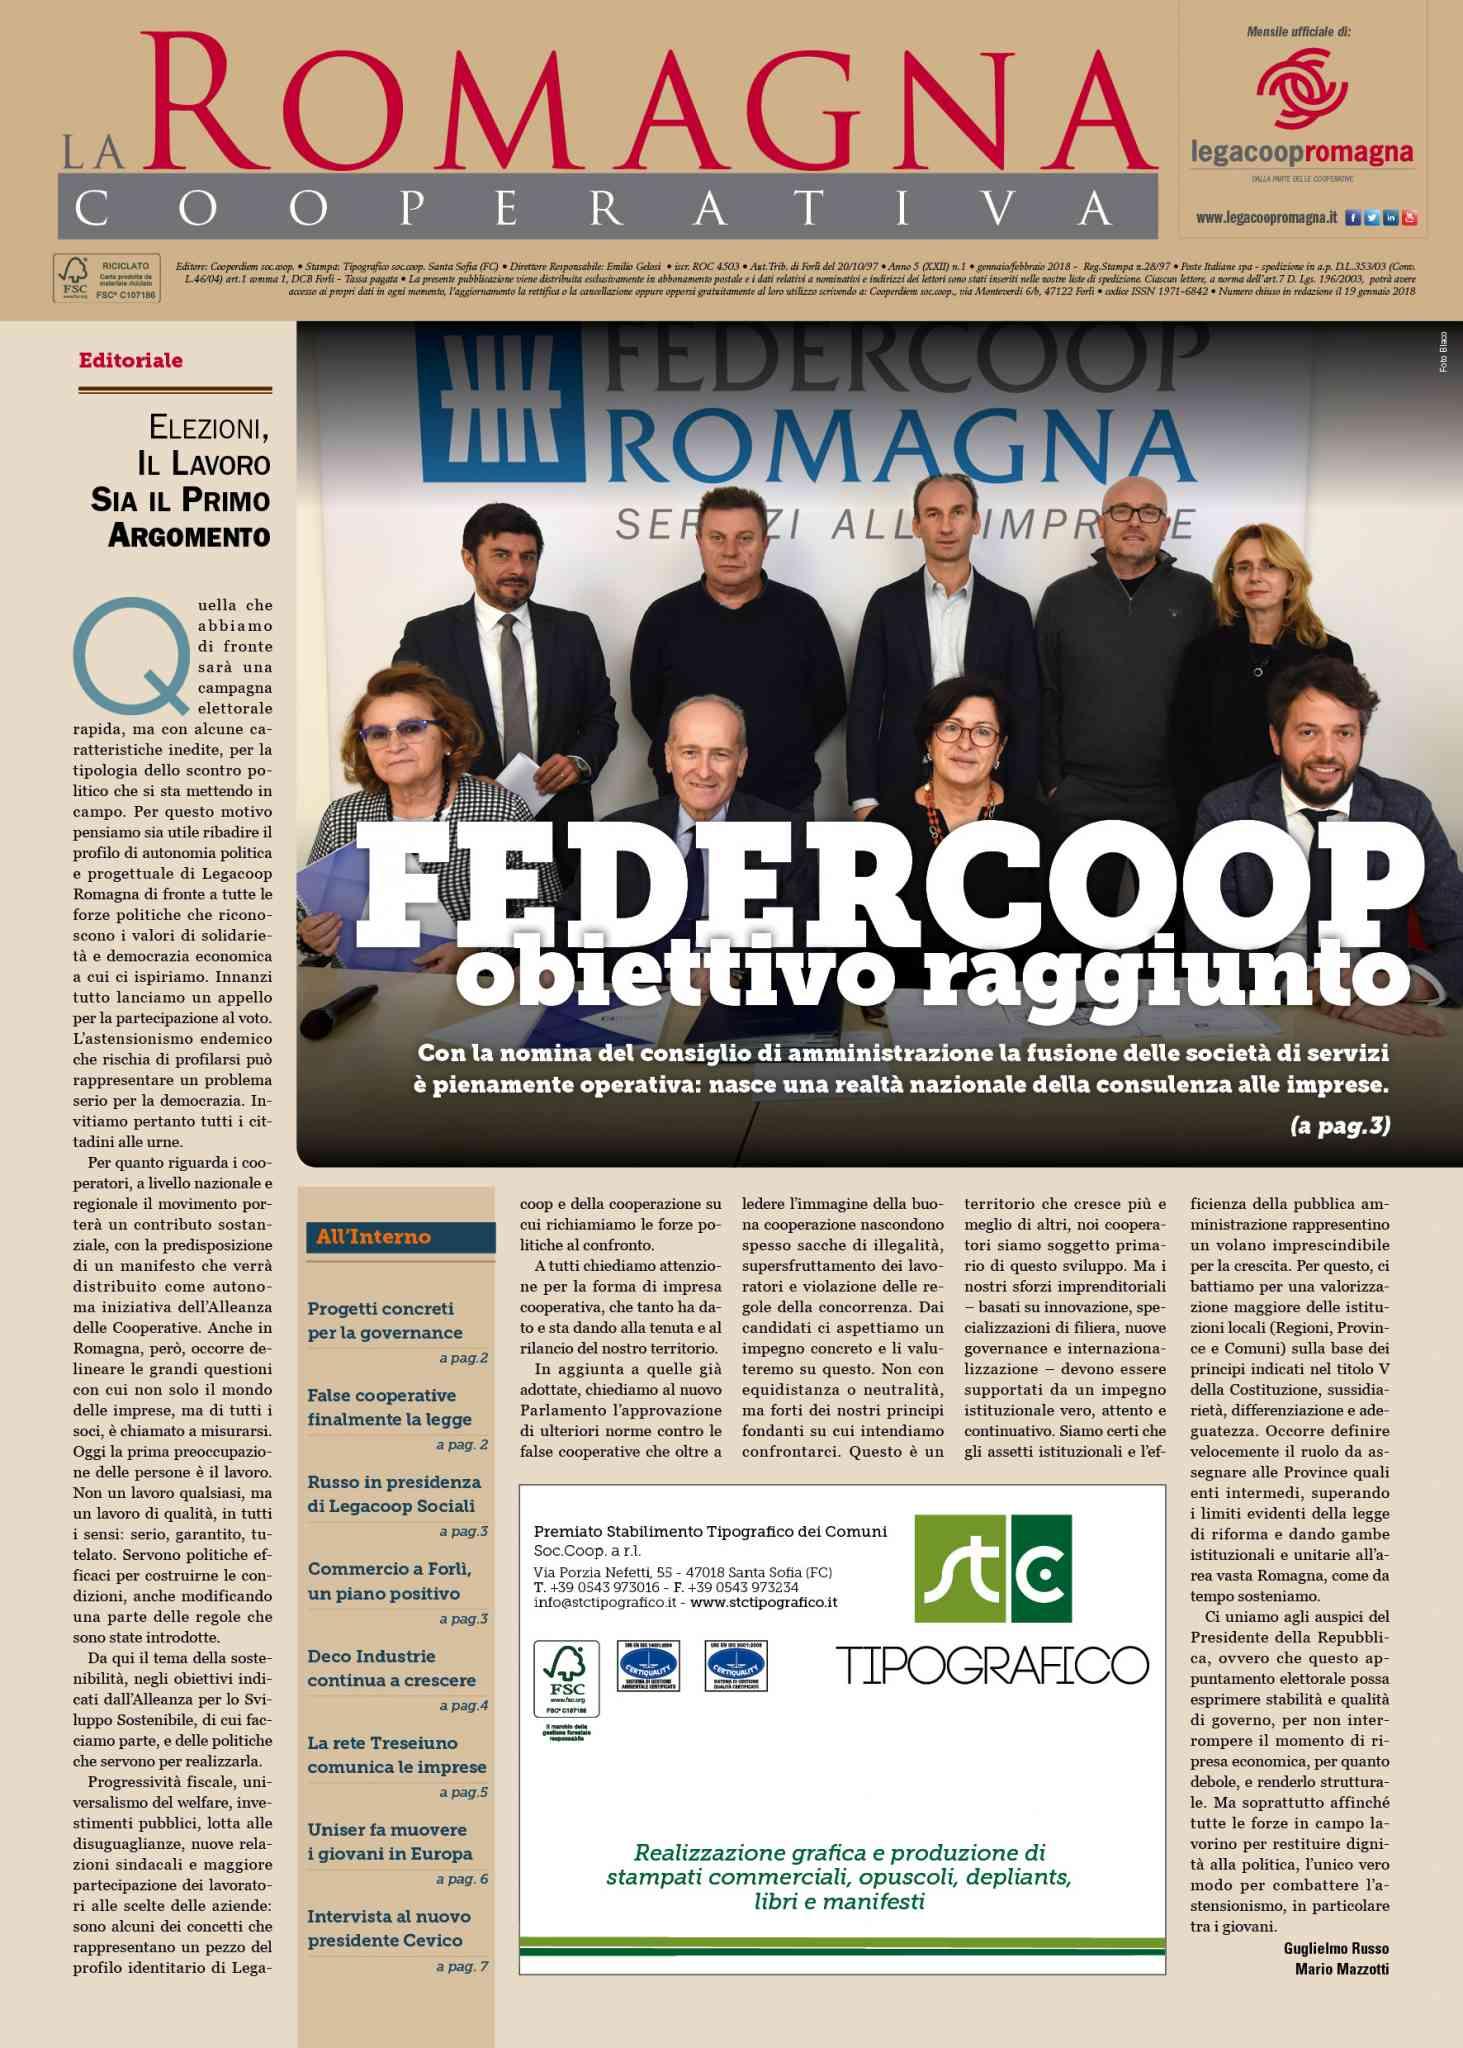 Federcoop, elezioni, governance – Il nuovo numero della Romagna Cooperativa